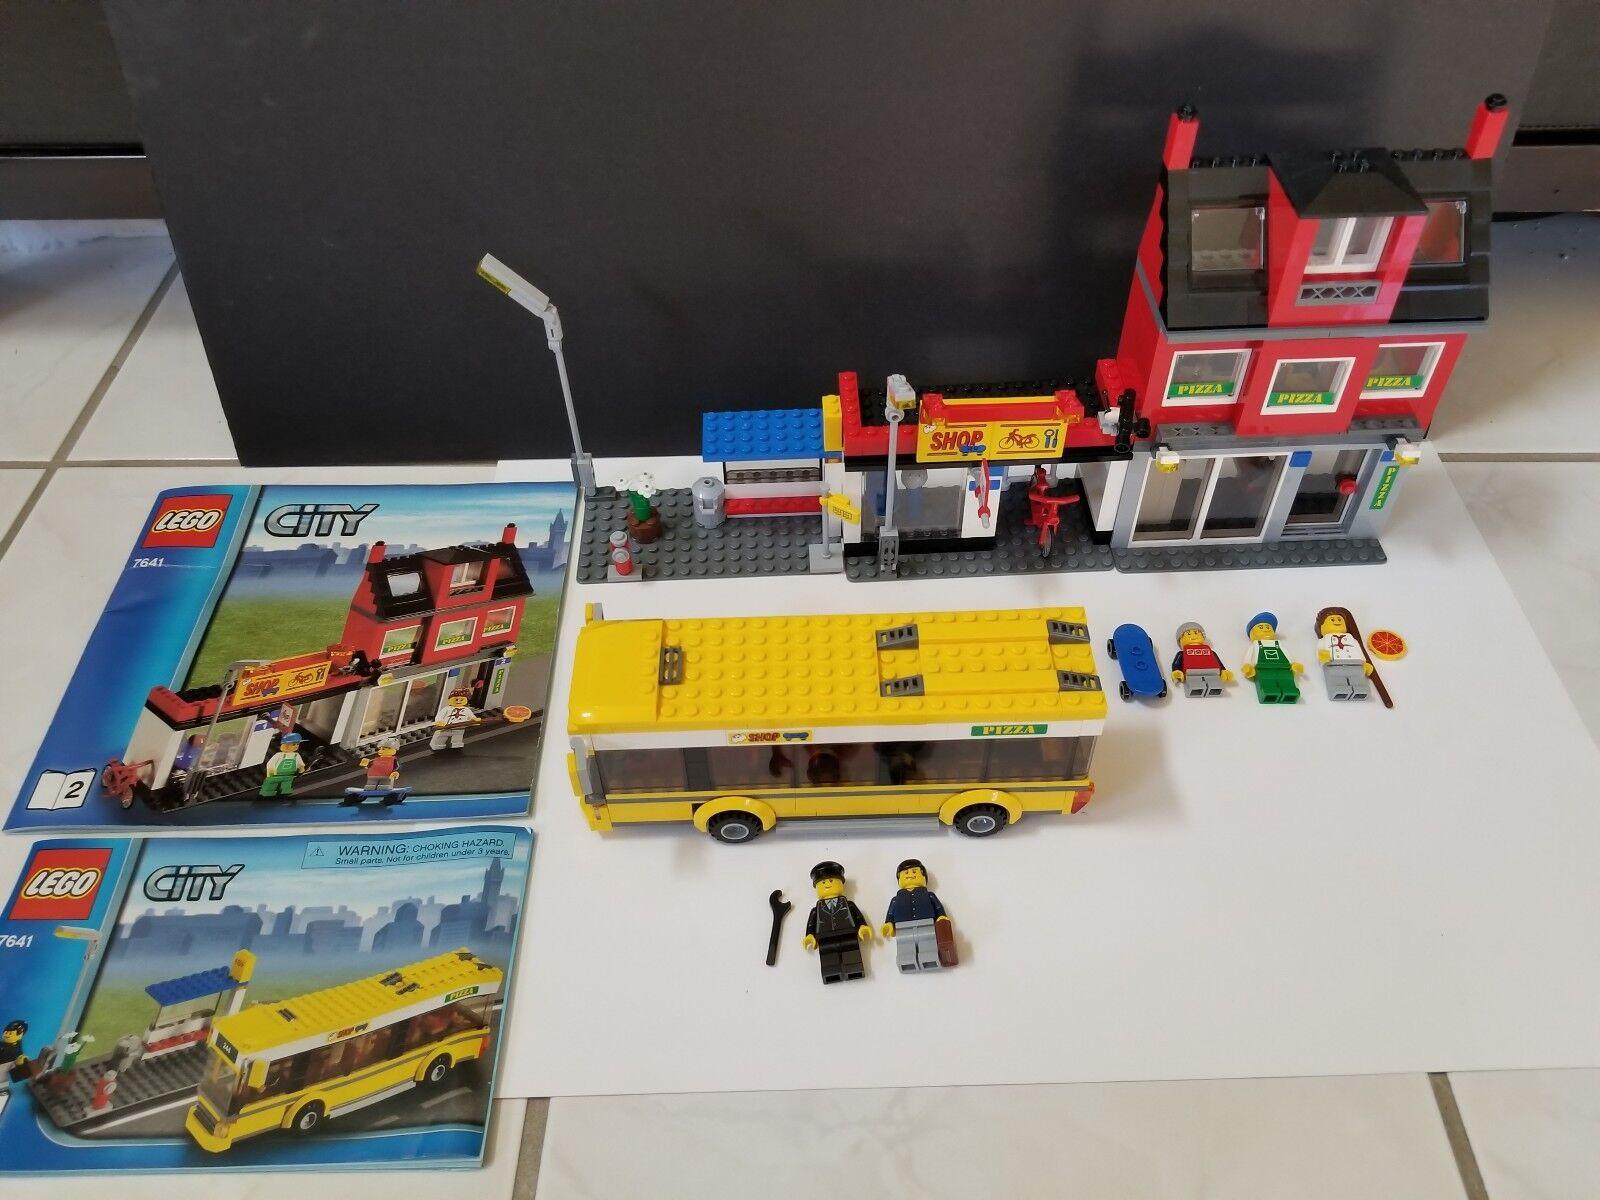 Lego City Set Completo De Esquina-Excelente Estado